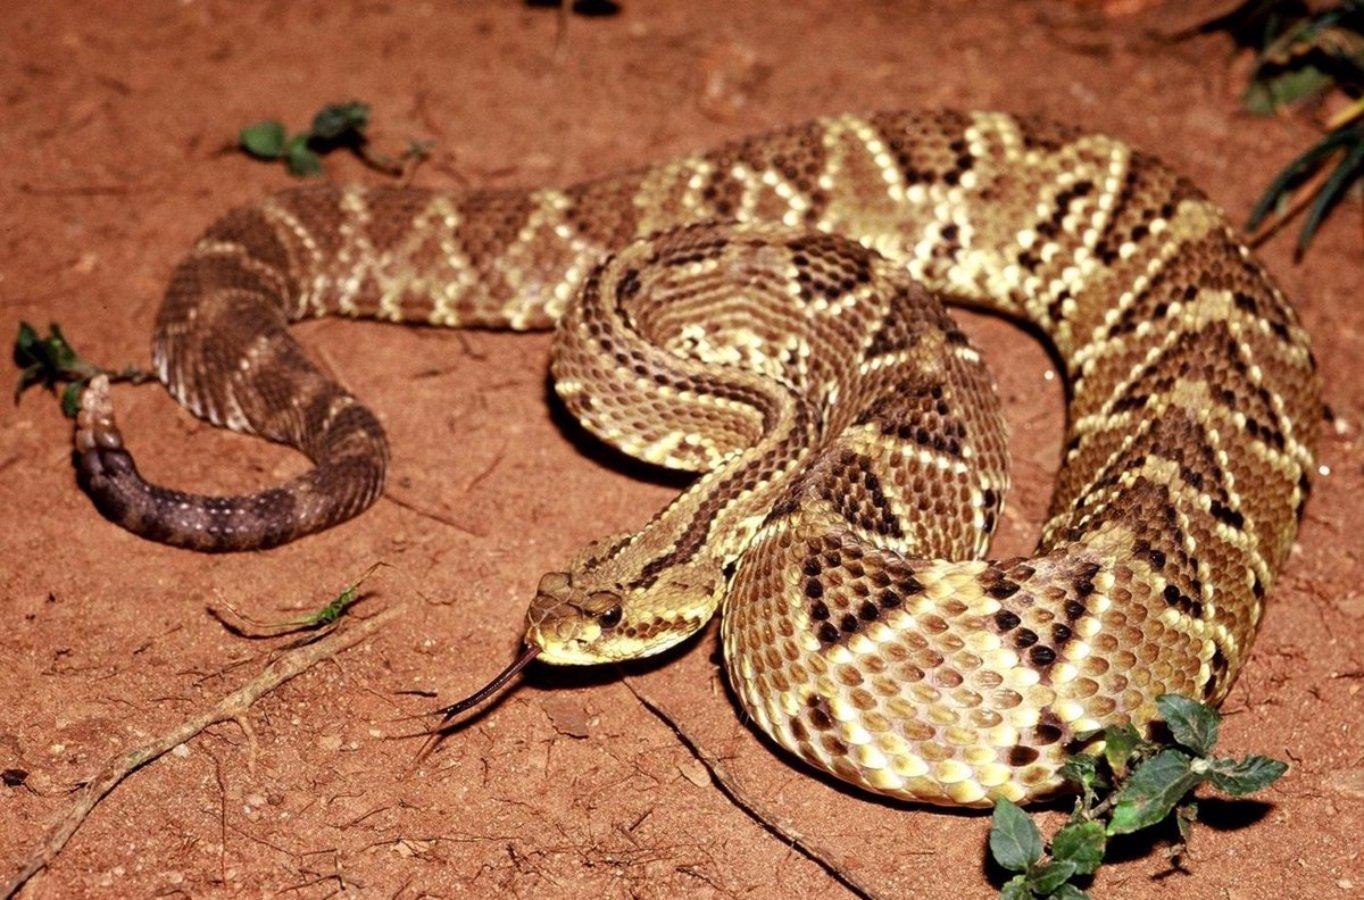 Serpiente en su hábitat